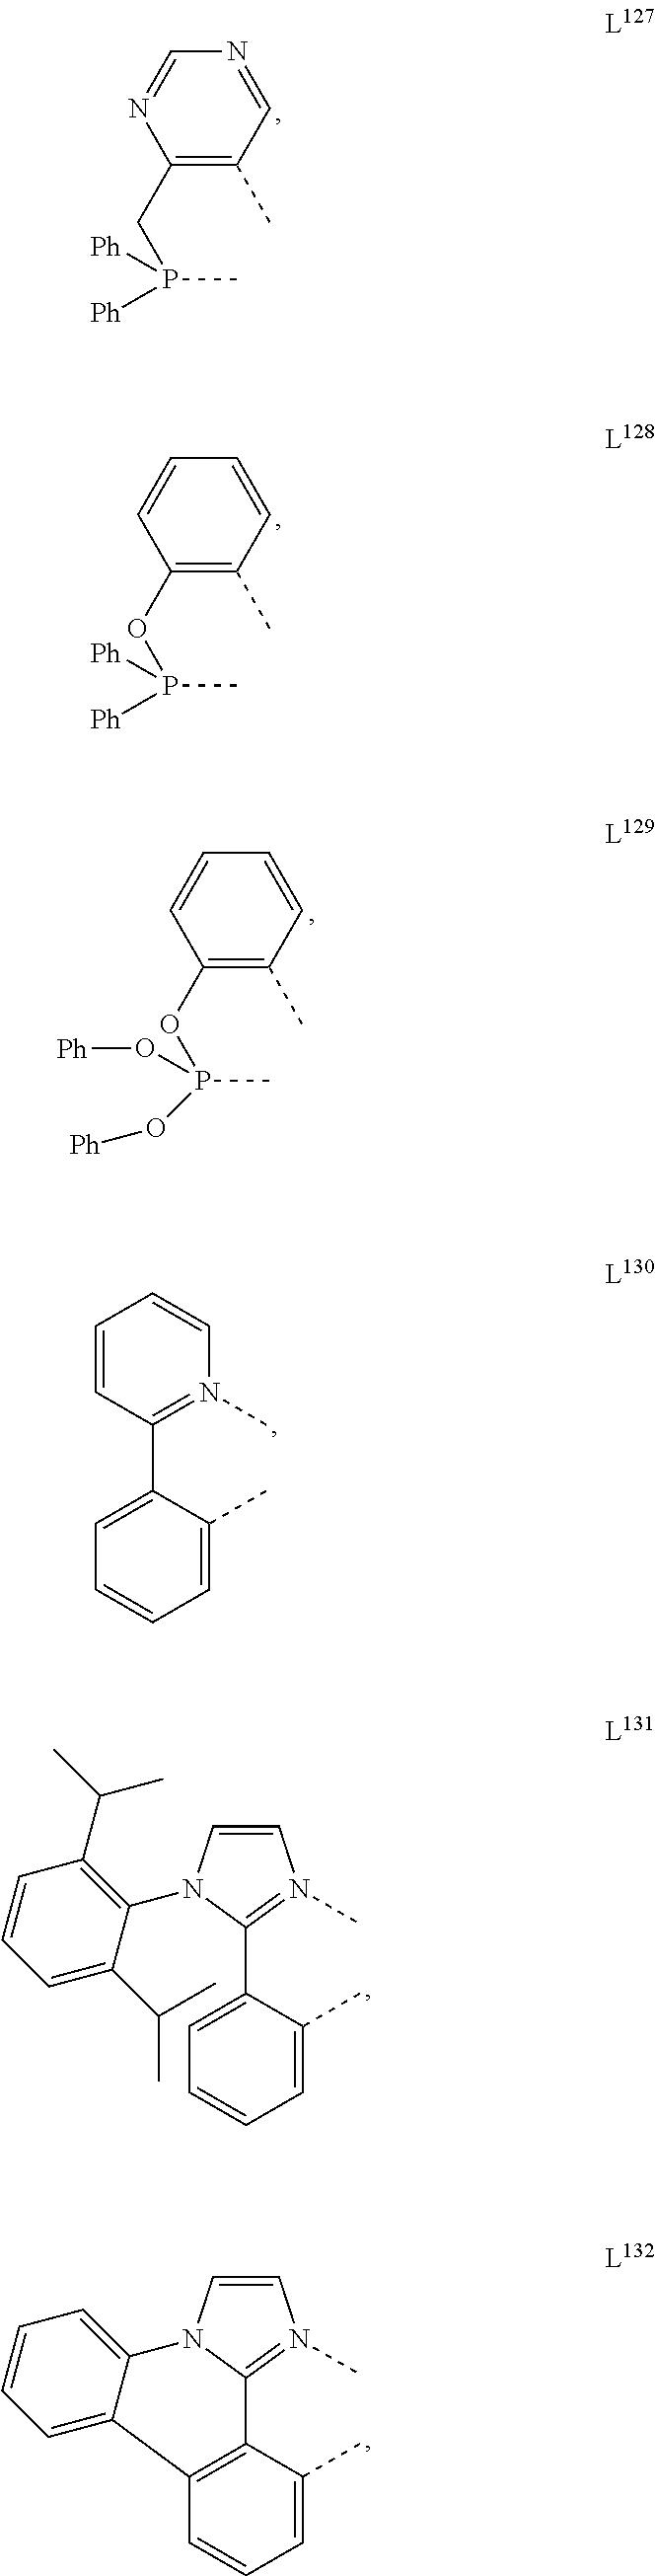 Figure US09306179-20160405-C00012